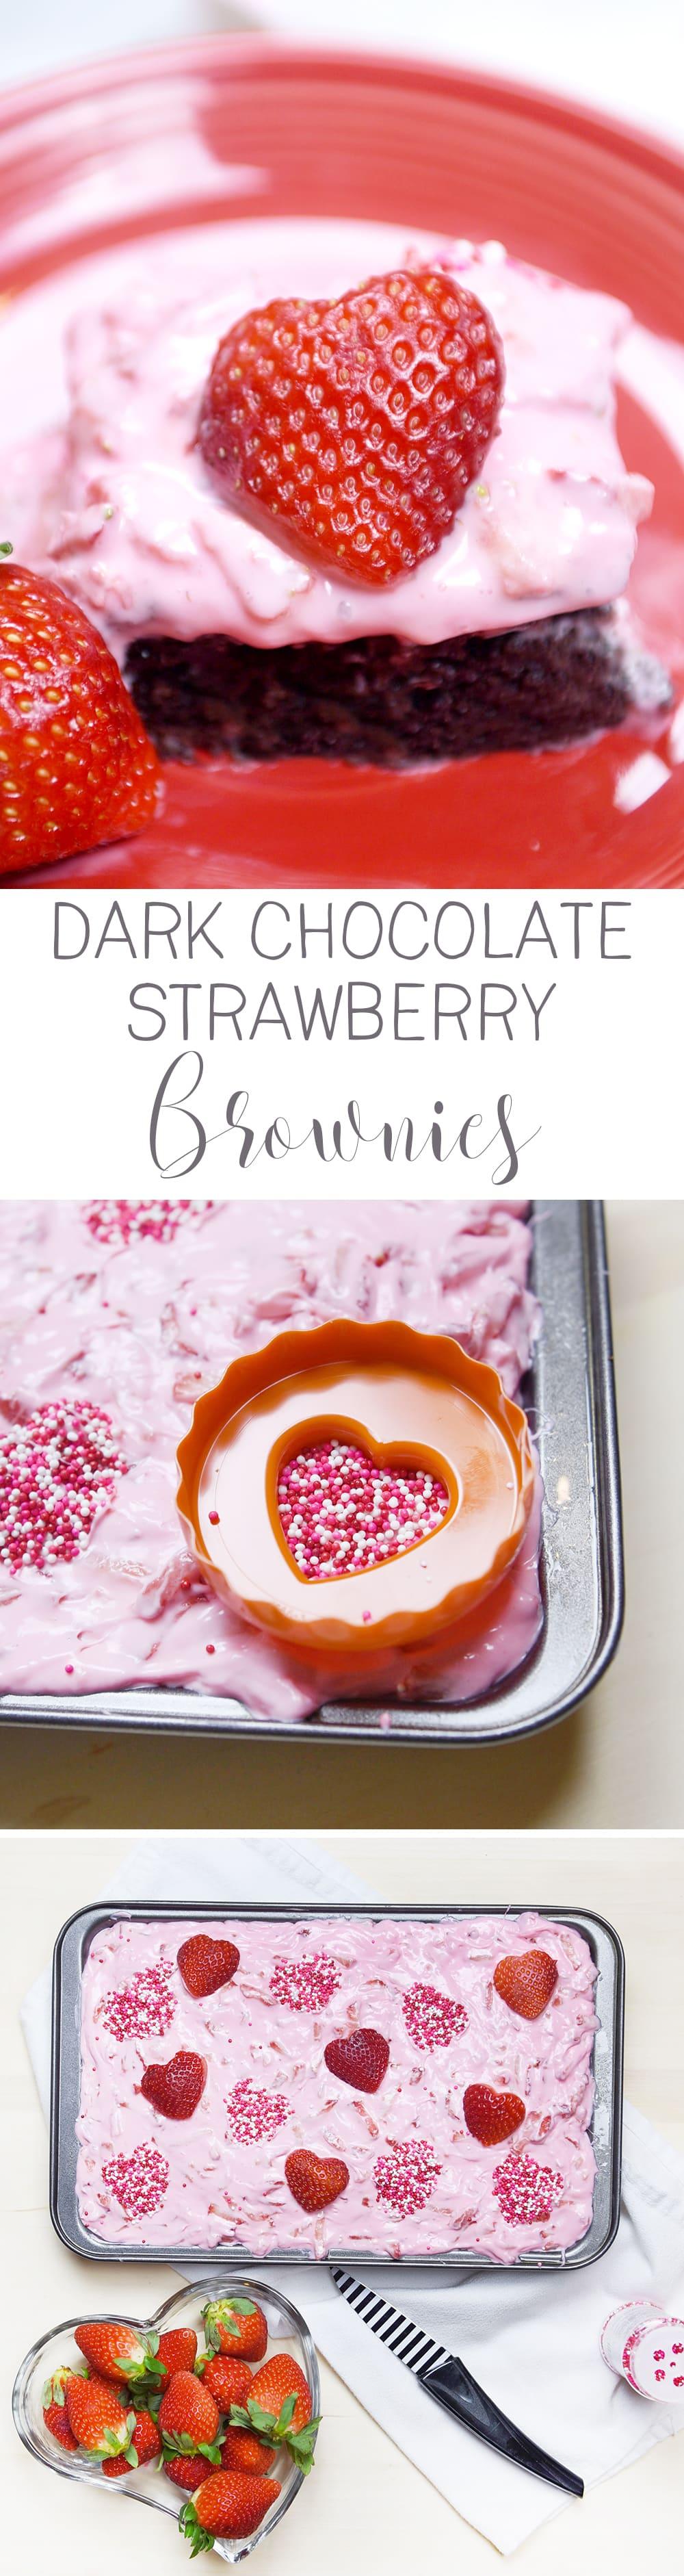 Dark Chocolate Strawberry Brownies! ! Yummy Valentine dessert idea!